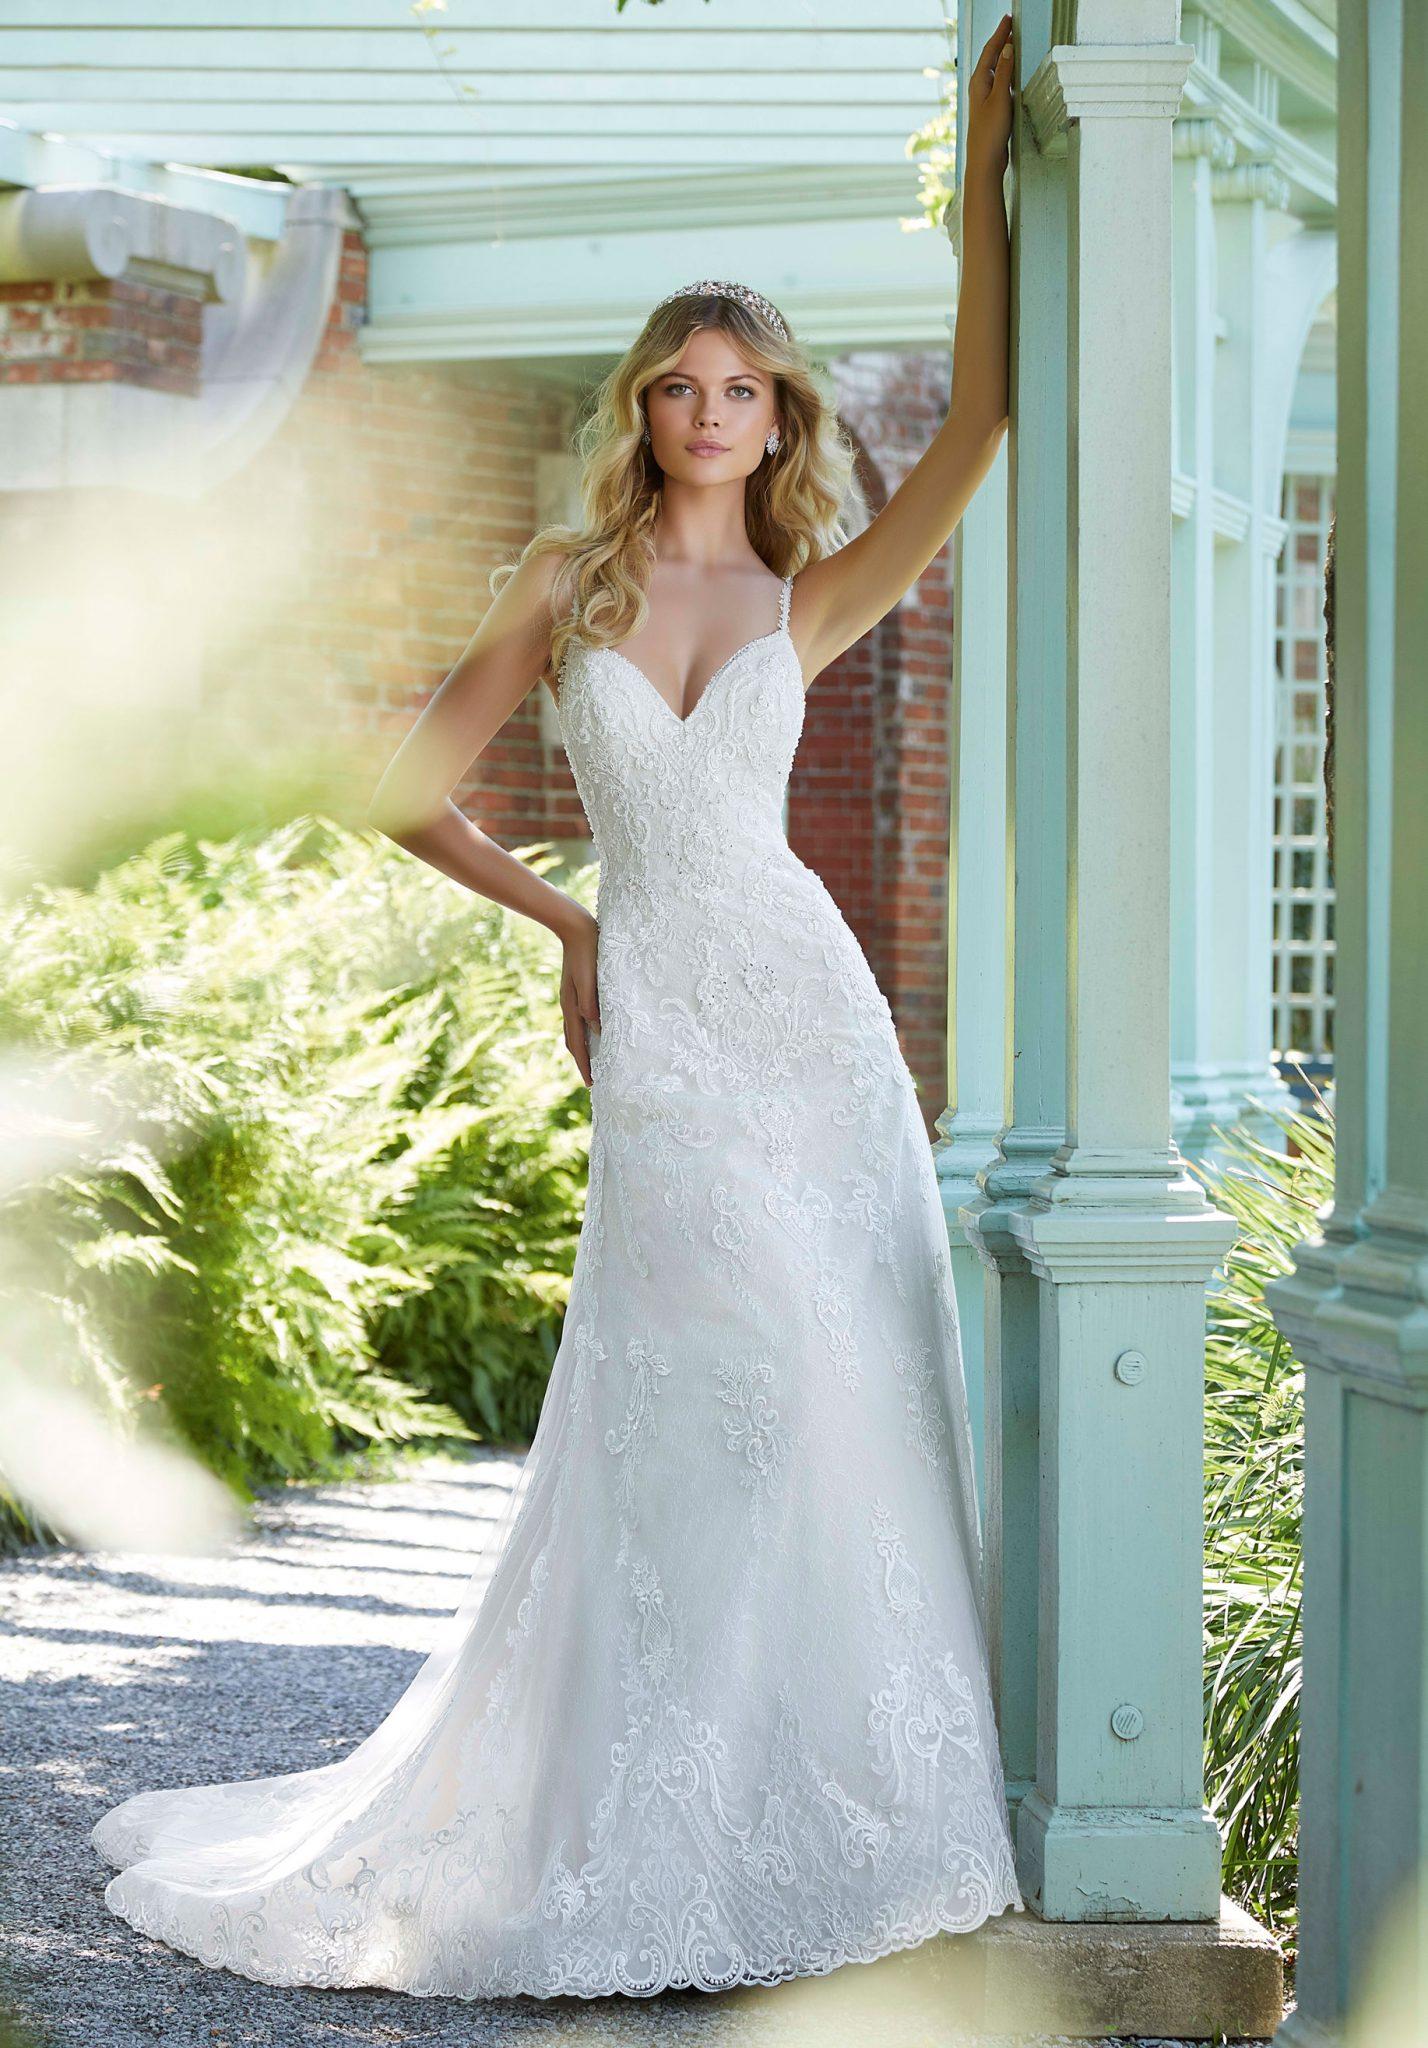 Vestidos de novia luifer pereira